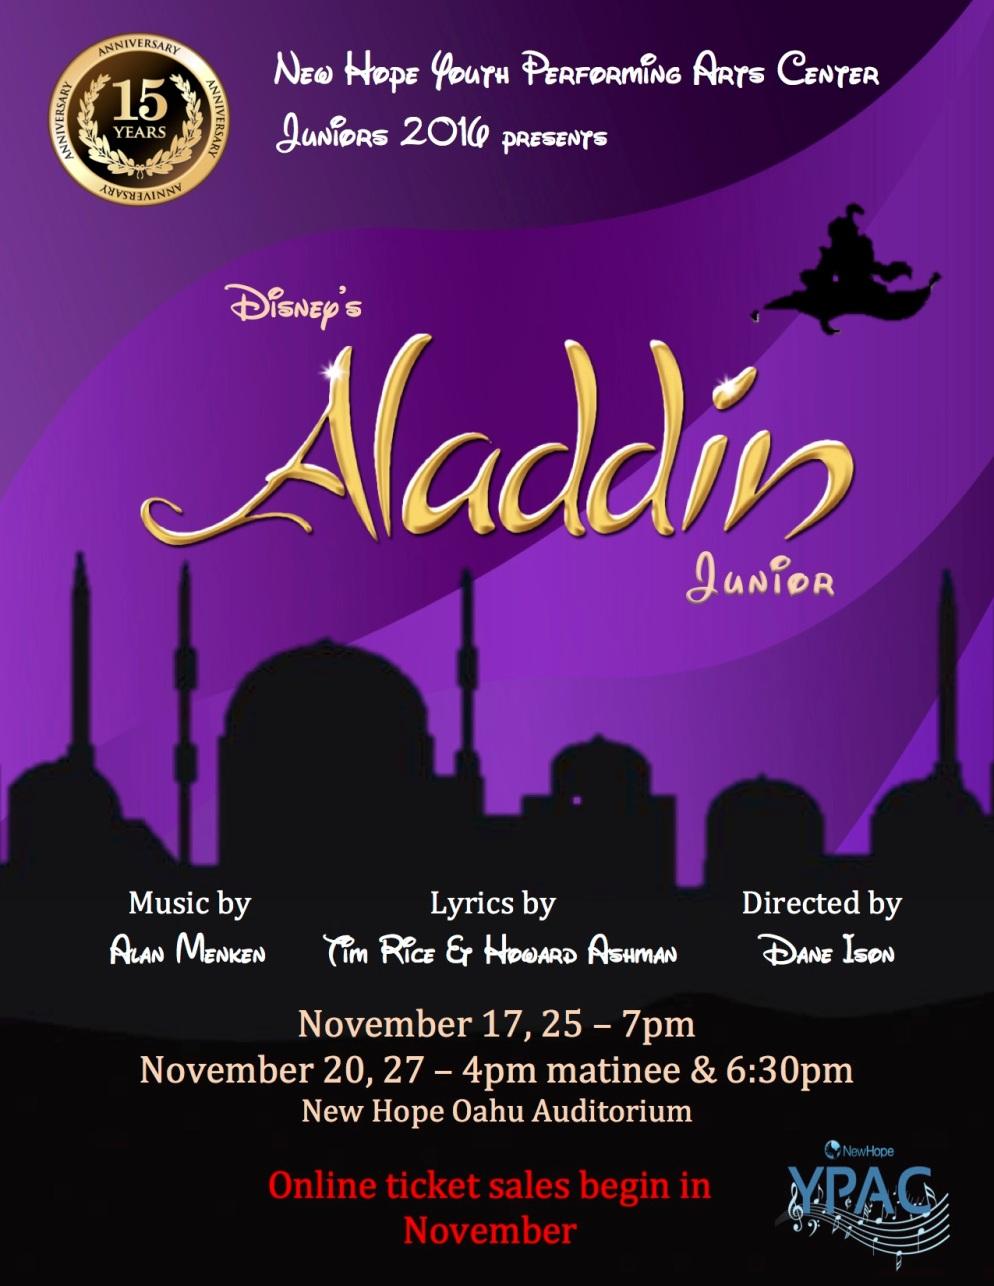 aladdin-jr-poster-revised